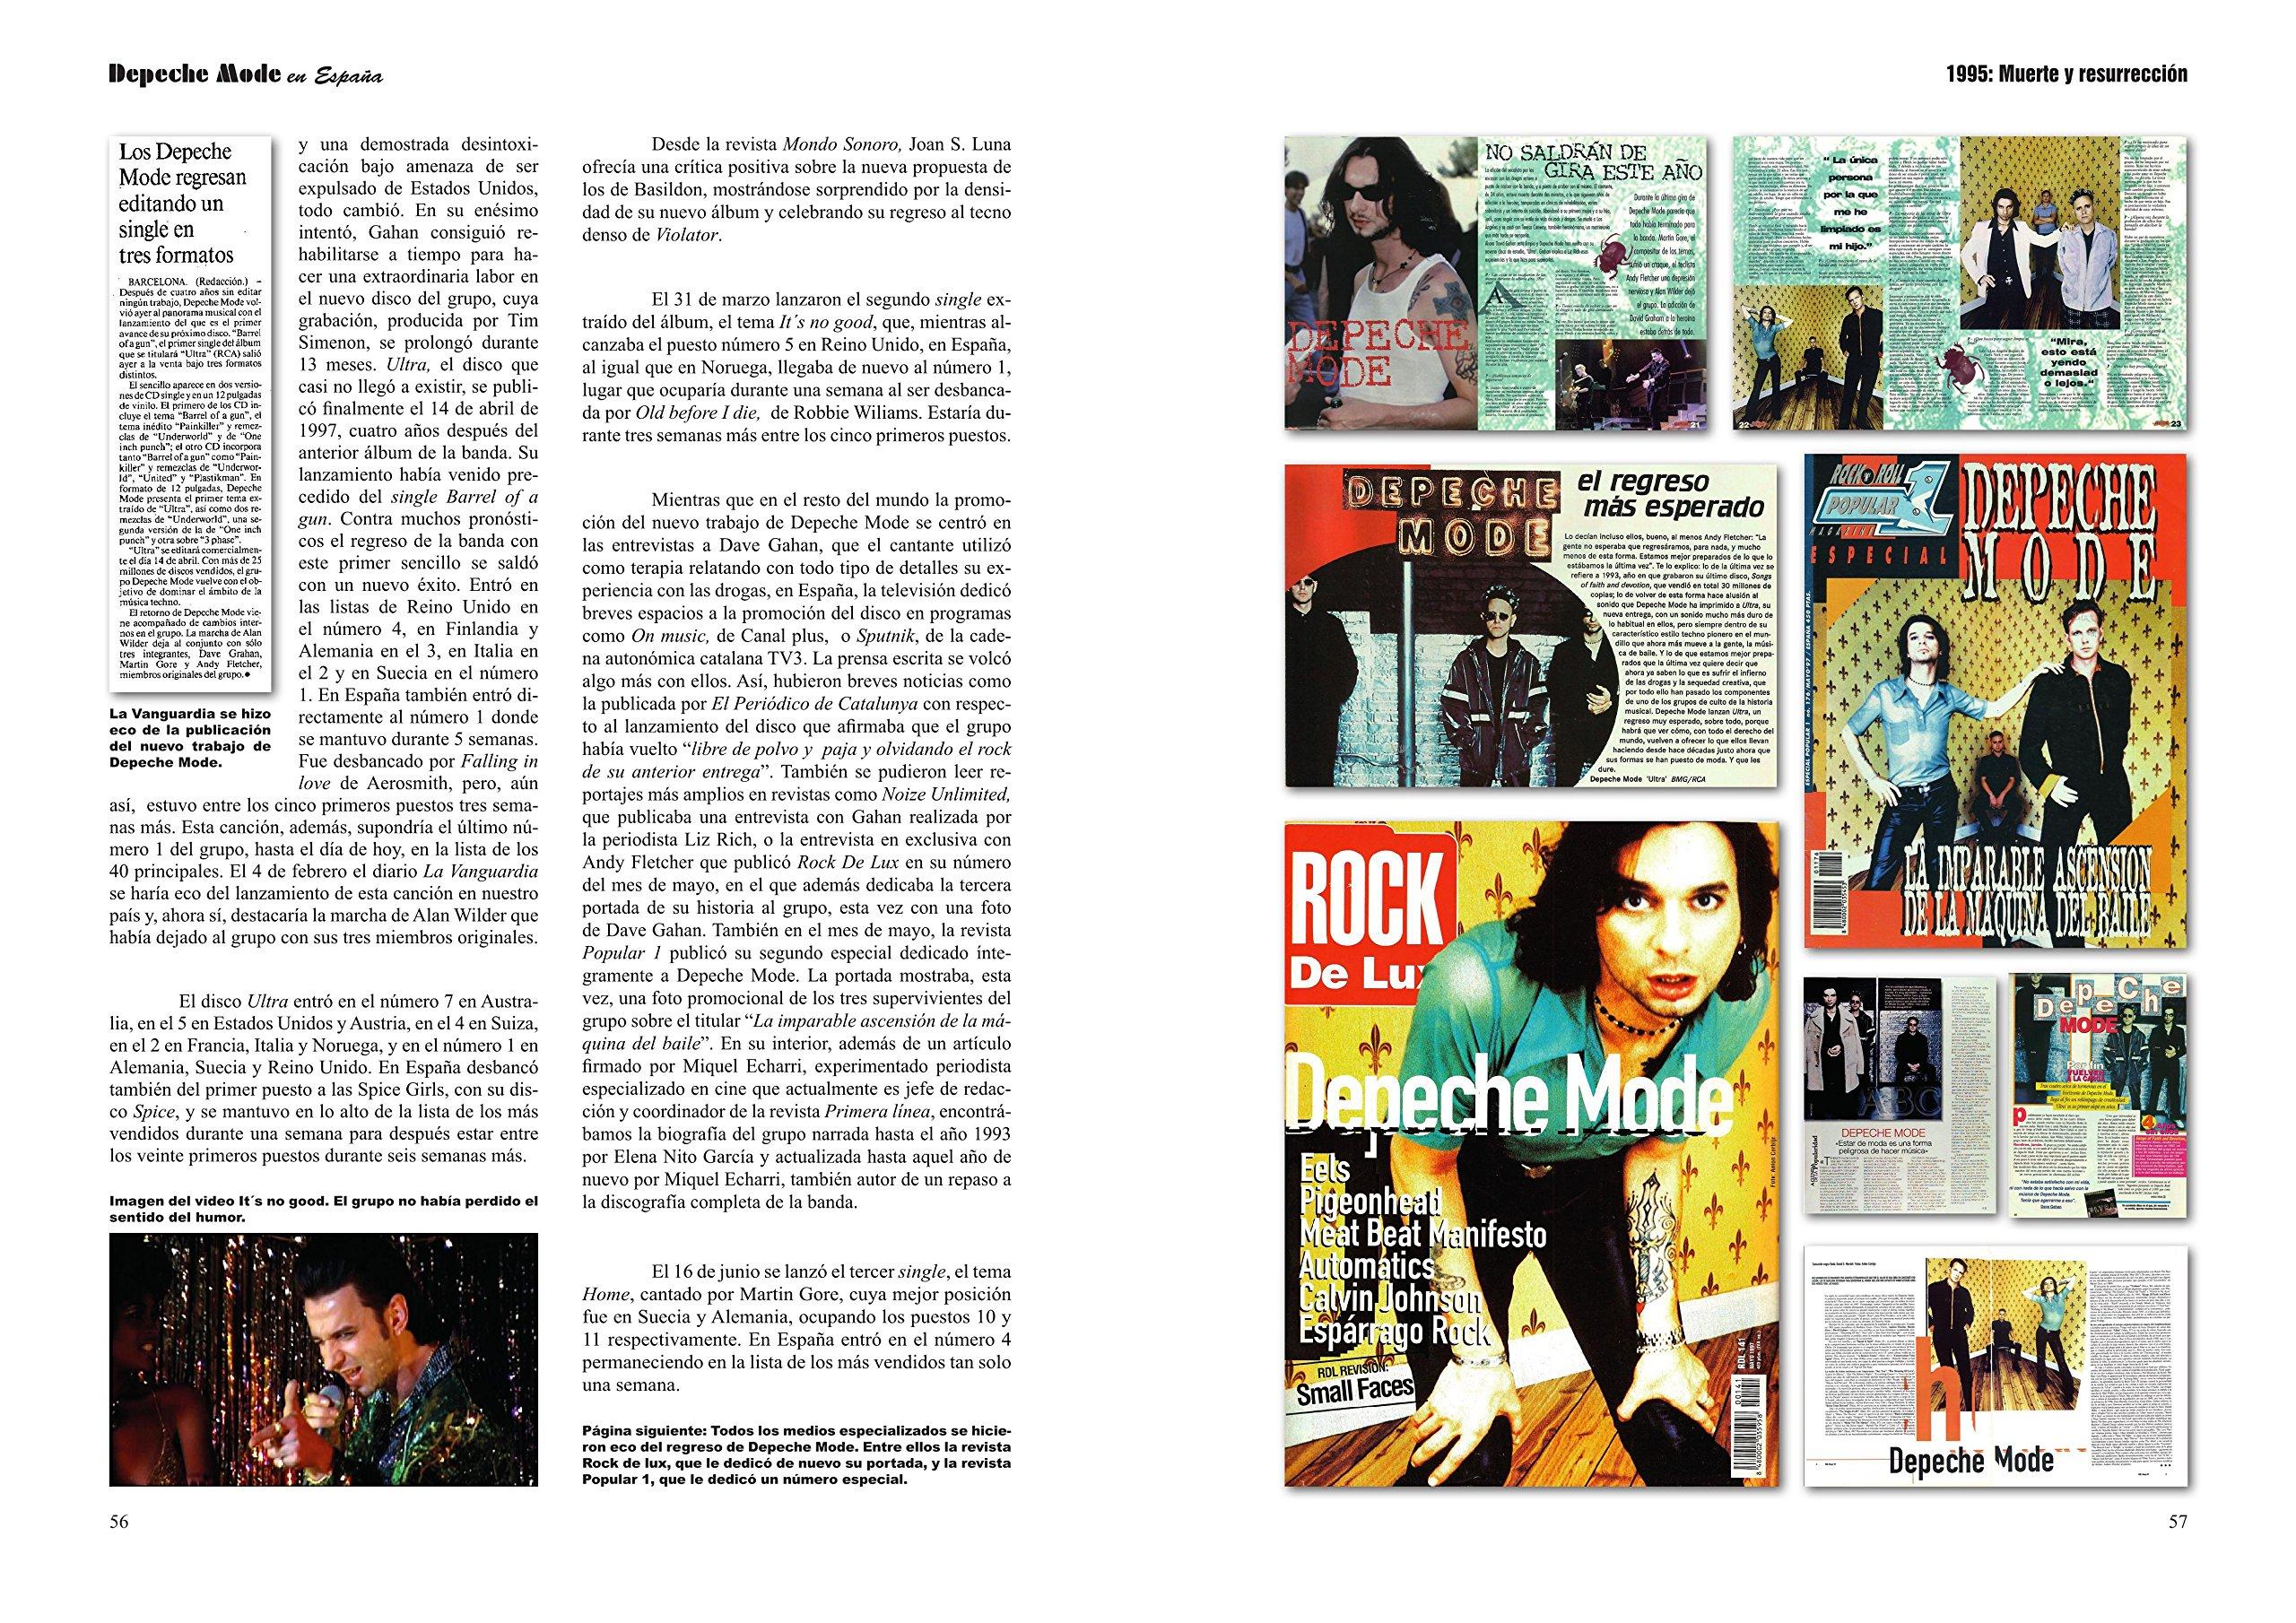 Depeche Mode en España: Amazon.es: Gustavo Jiménez: Libros